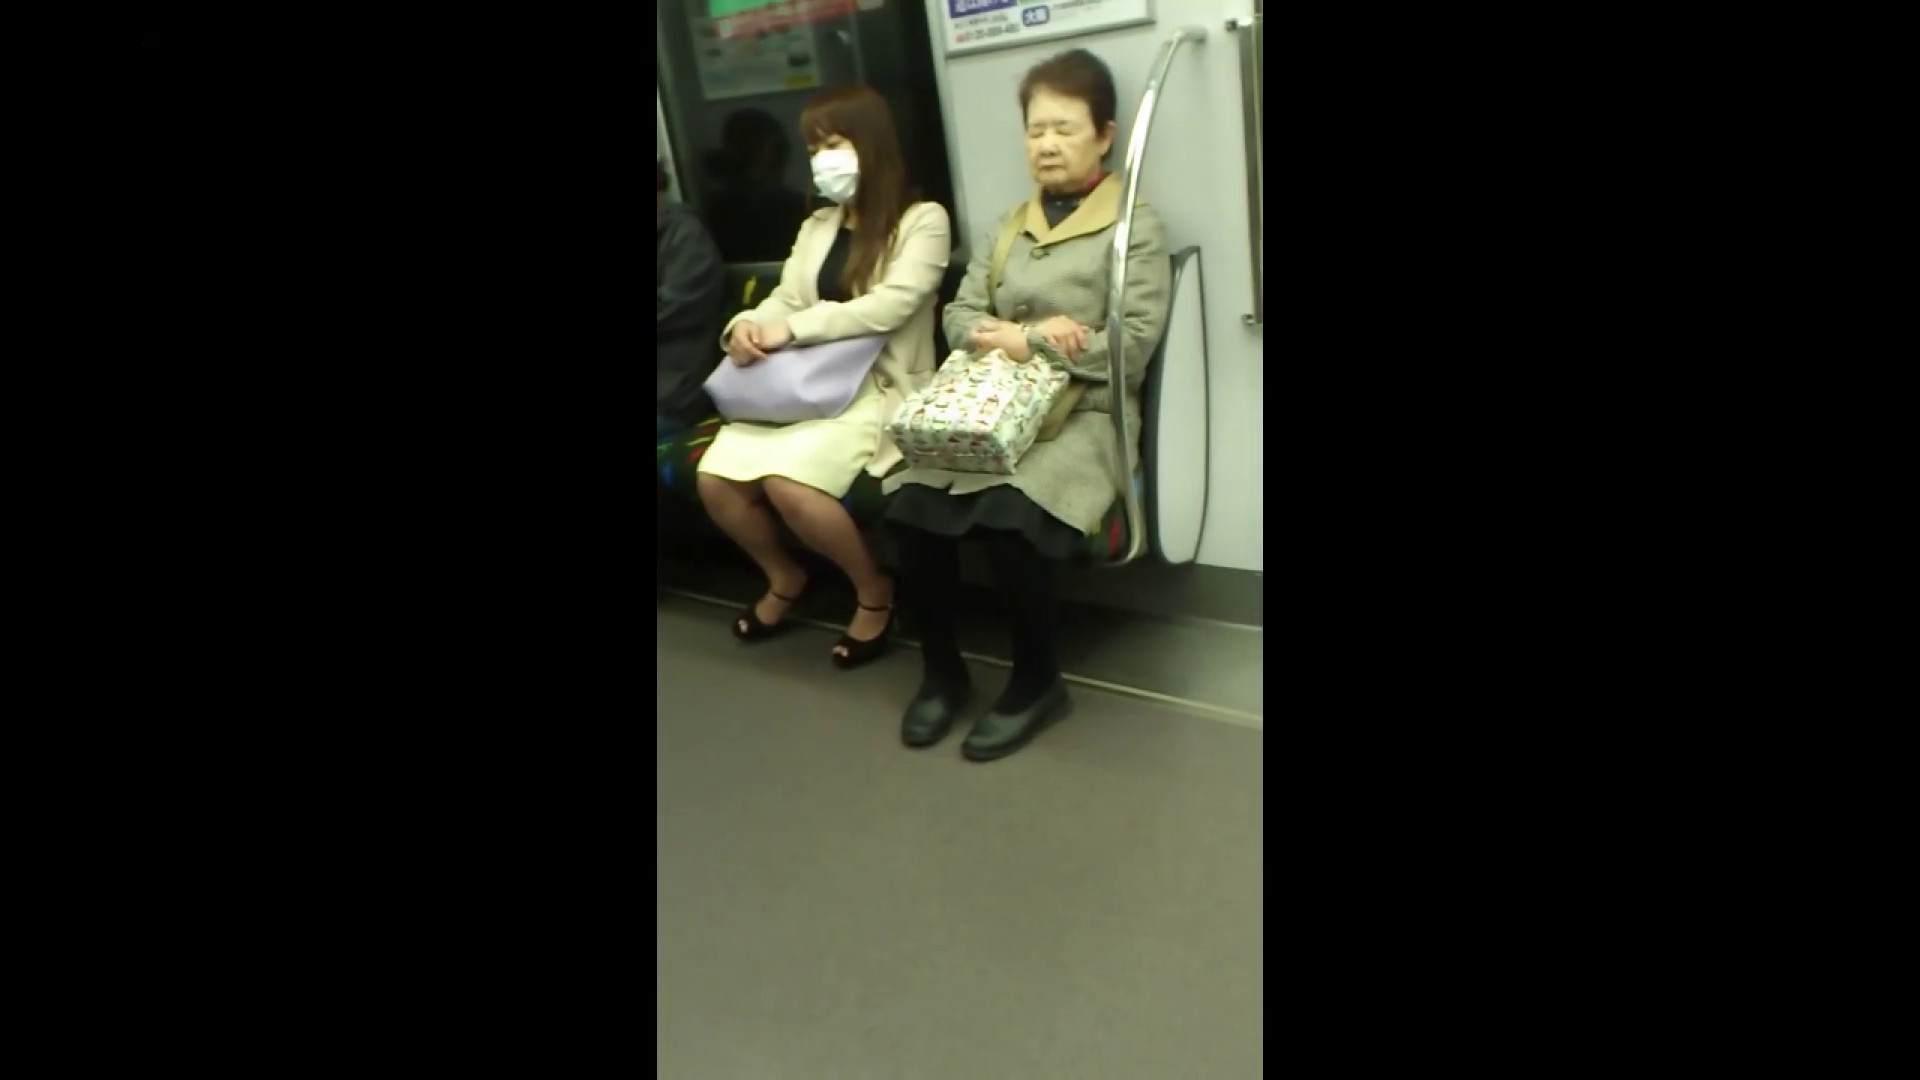 盗撮列車 Vol.55 黄色の爽やかなスカートが大好きです。 むっちりガール  89枚 66